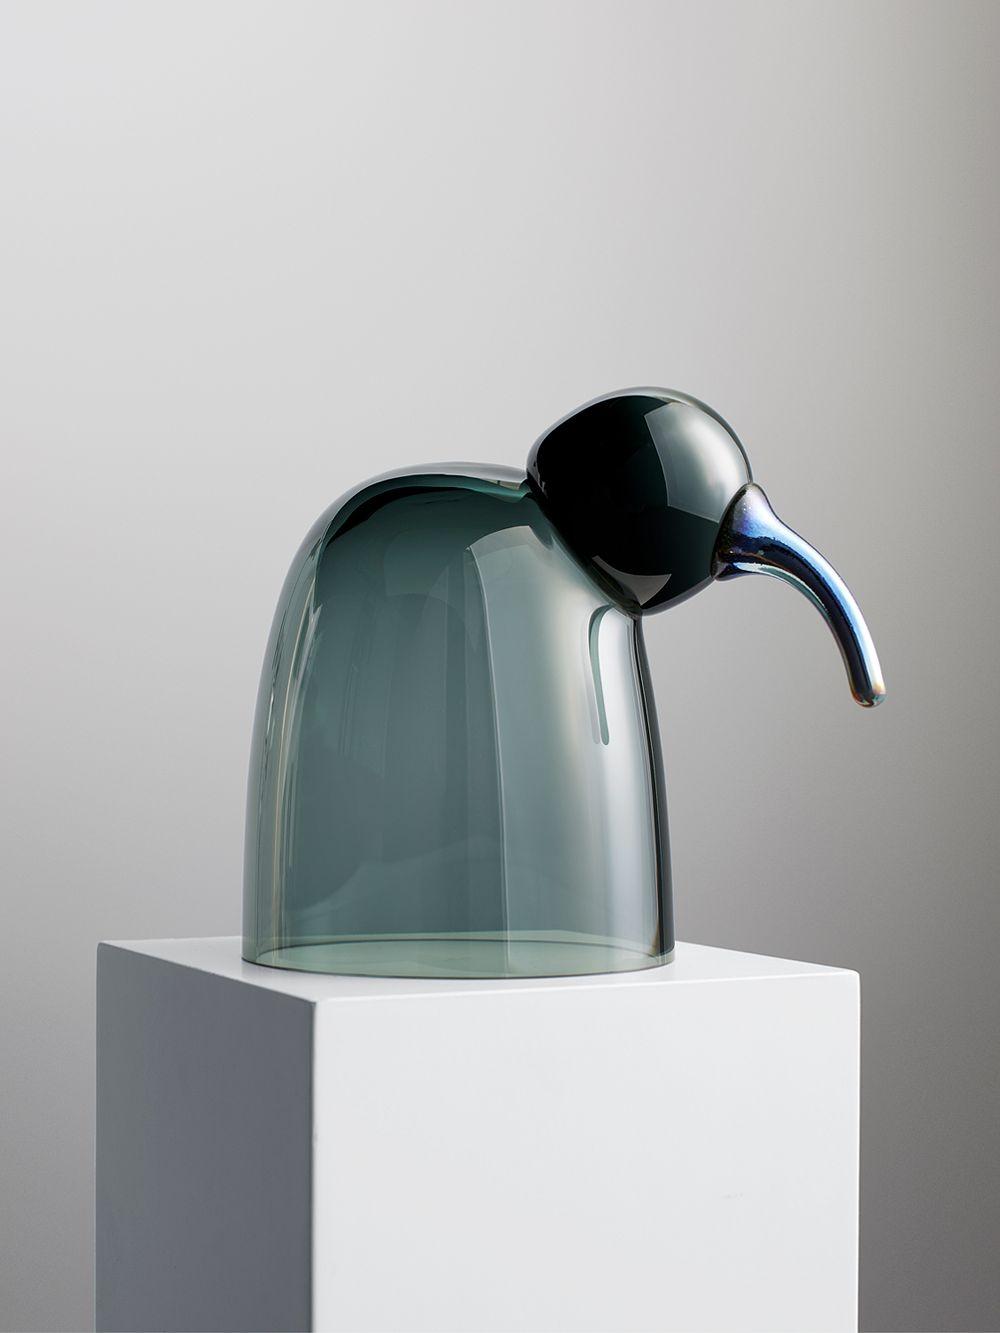 Iittala's Birds by Toikka Aili